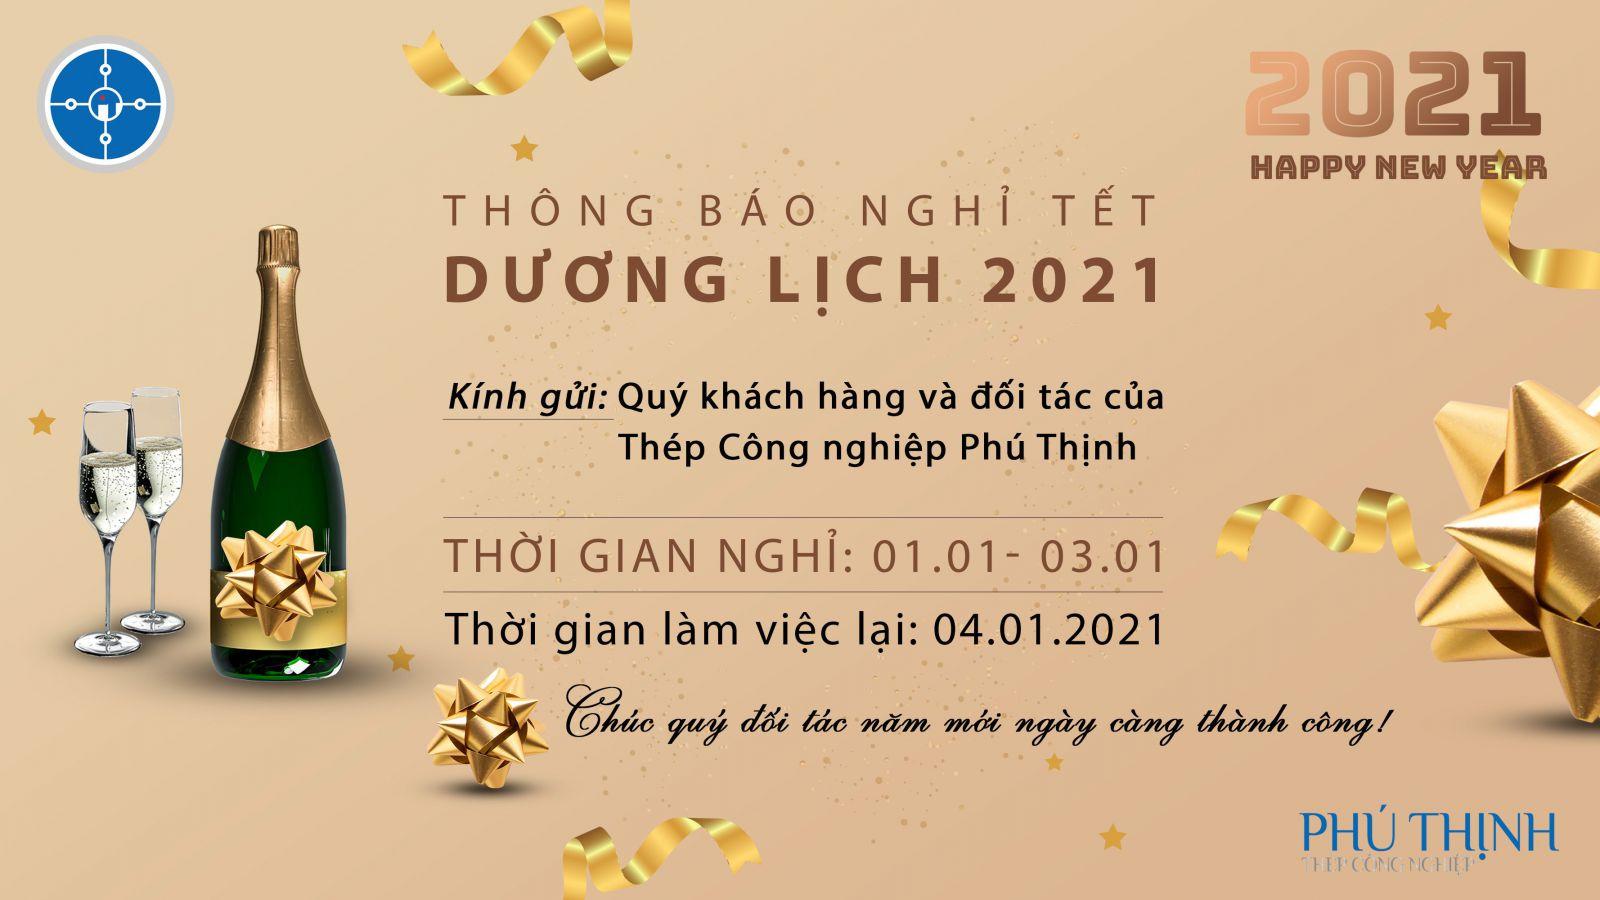 Thép công nghiệp Phú Thịnh thông báo lịch nghỉ tết Dương lịch 2021